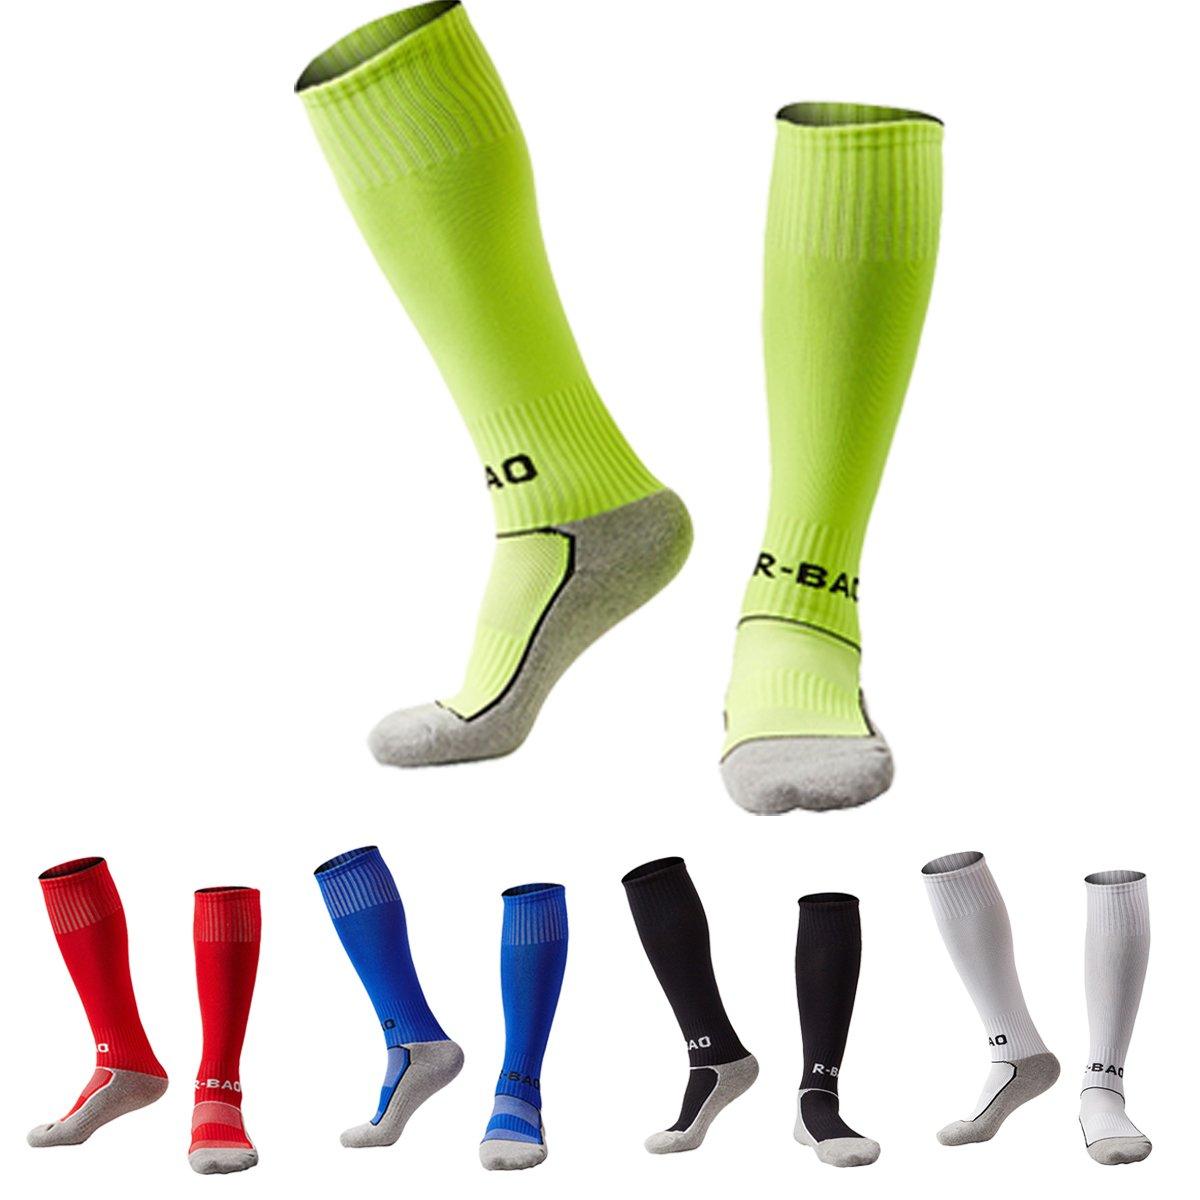 5 Pack Soccer Socks for Kid Knee High Cotton Athletic Team Tube Socks Towel Bottom Pressure Football Socks (Lime Green/Red/Royalblue/Black/White) by KALAKIDS